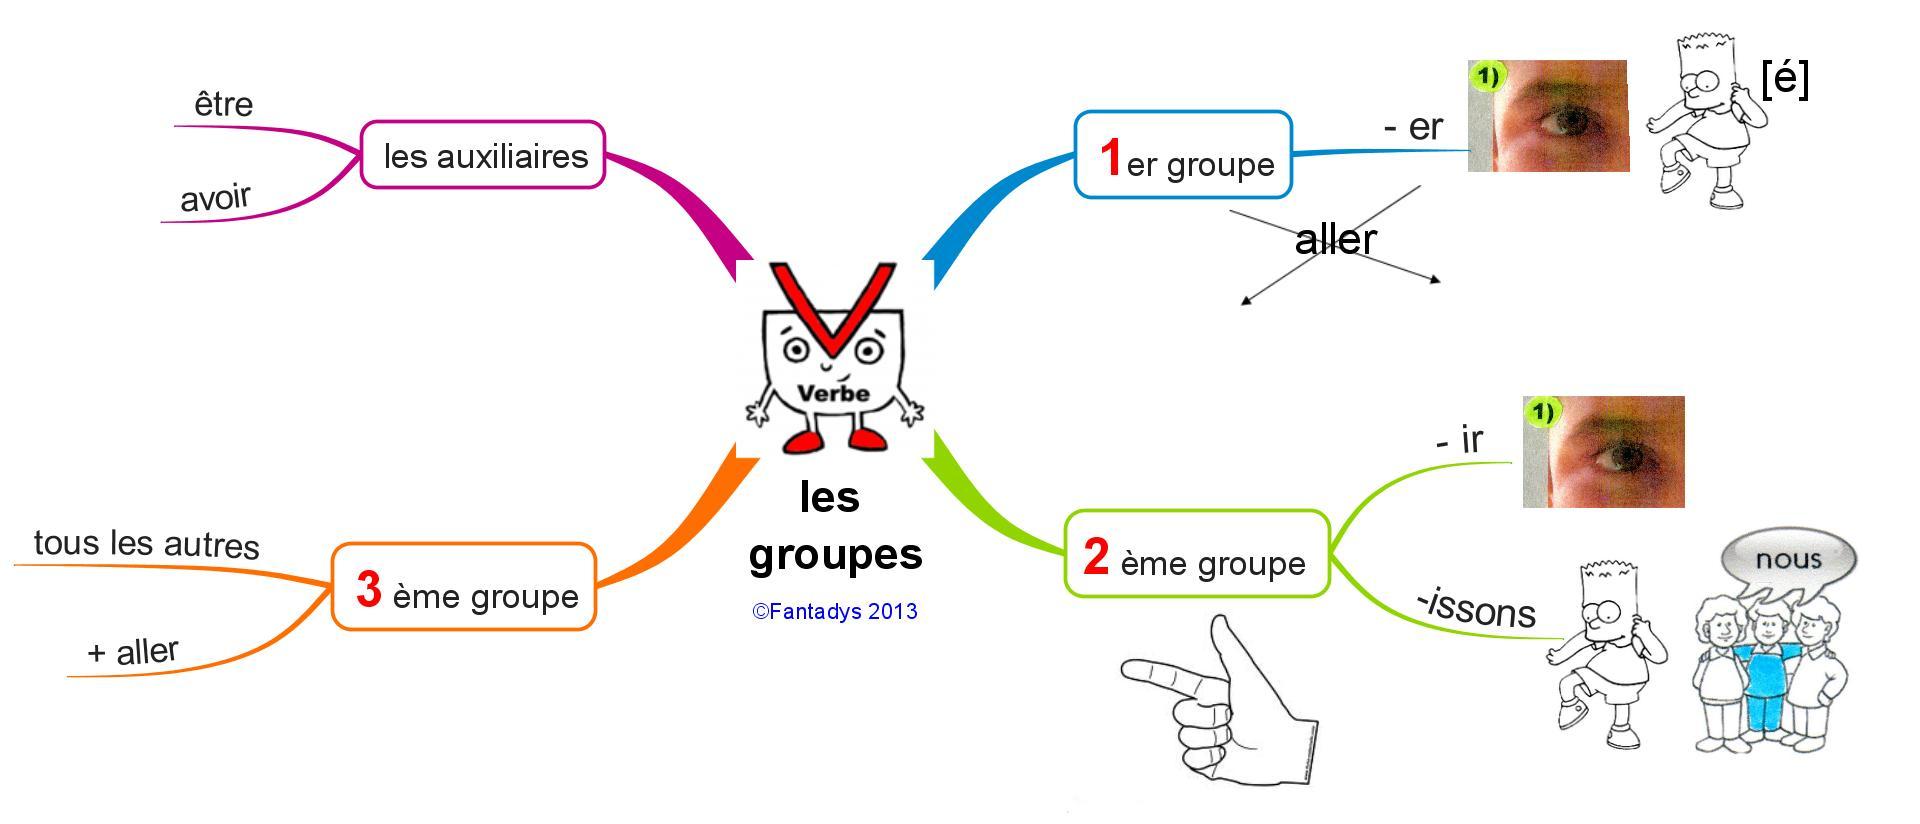 Resultado de imagen para groupes des verbes